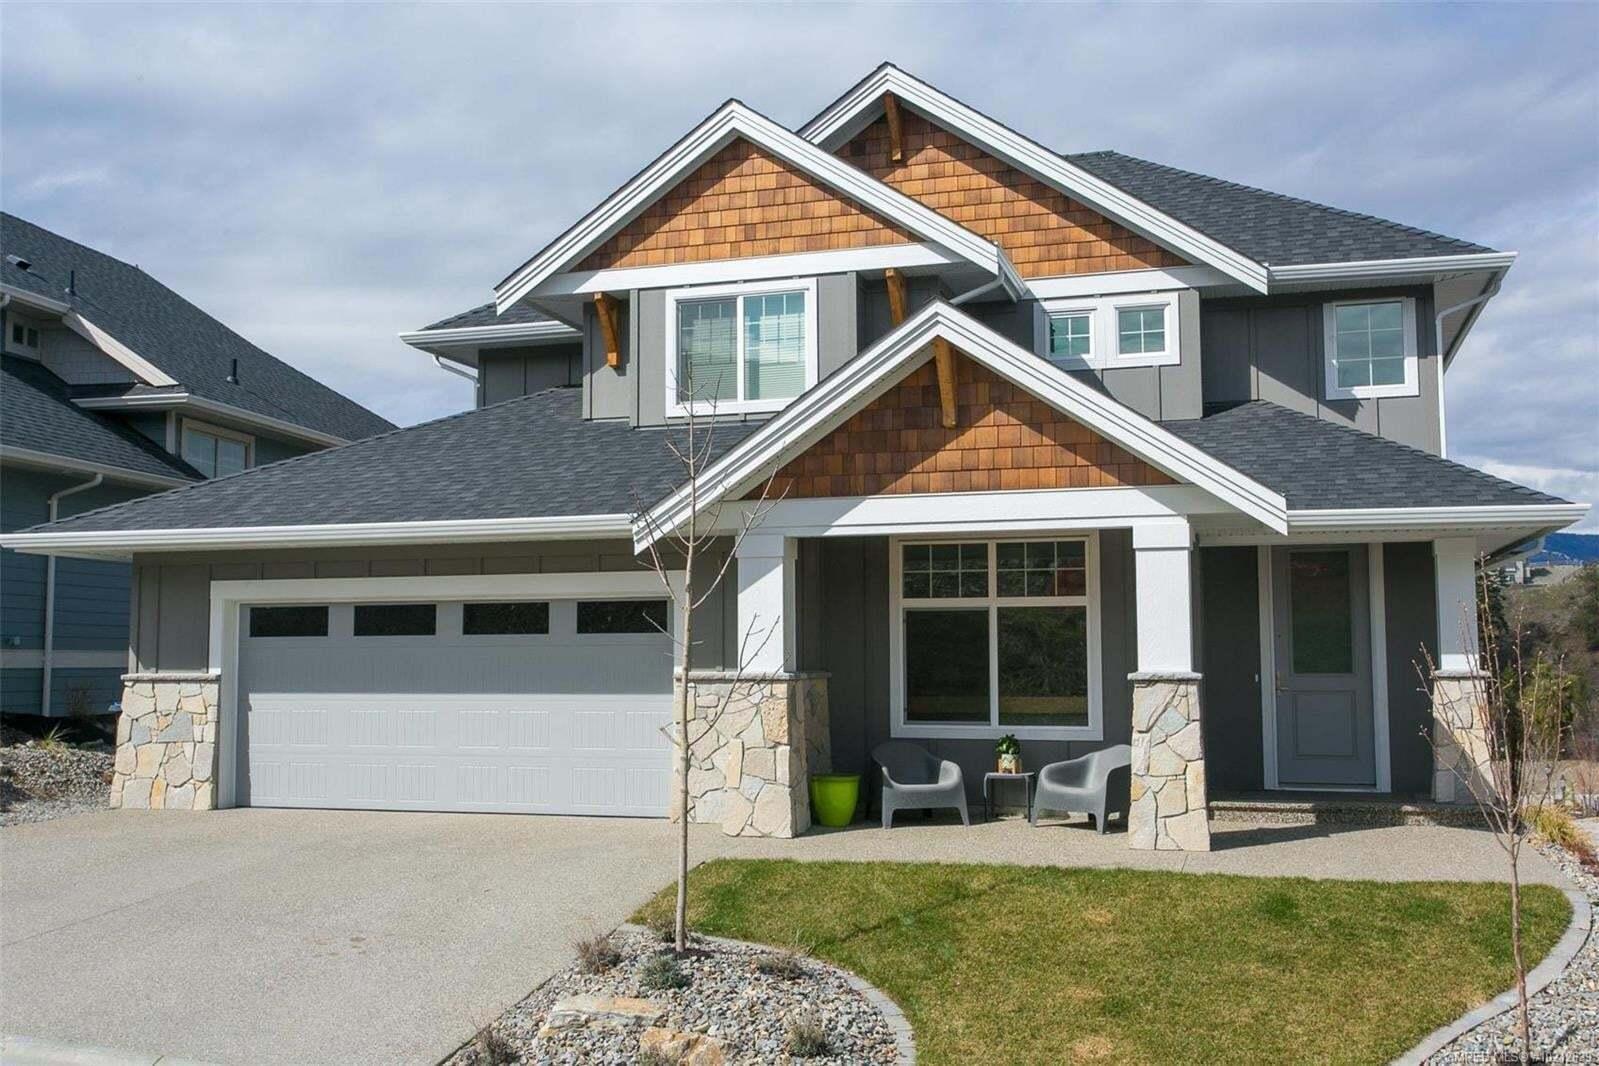 House for sale at 204 Lost Creek Ln Kelowna British Columbia - MLS: 10212639